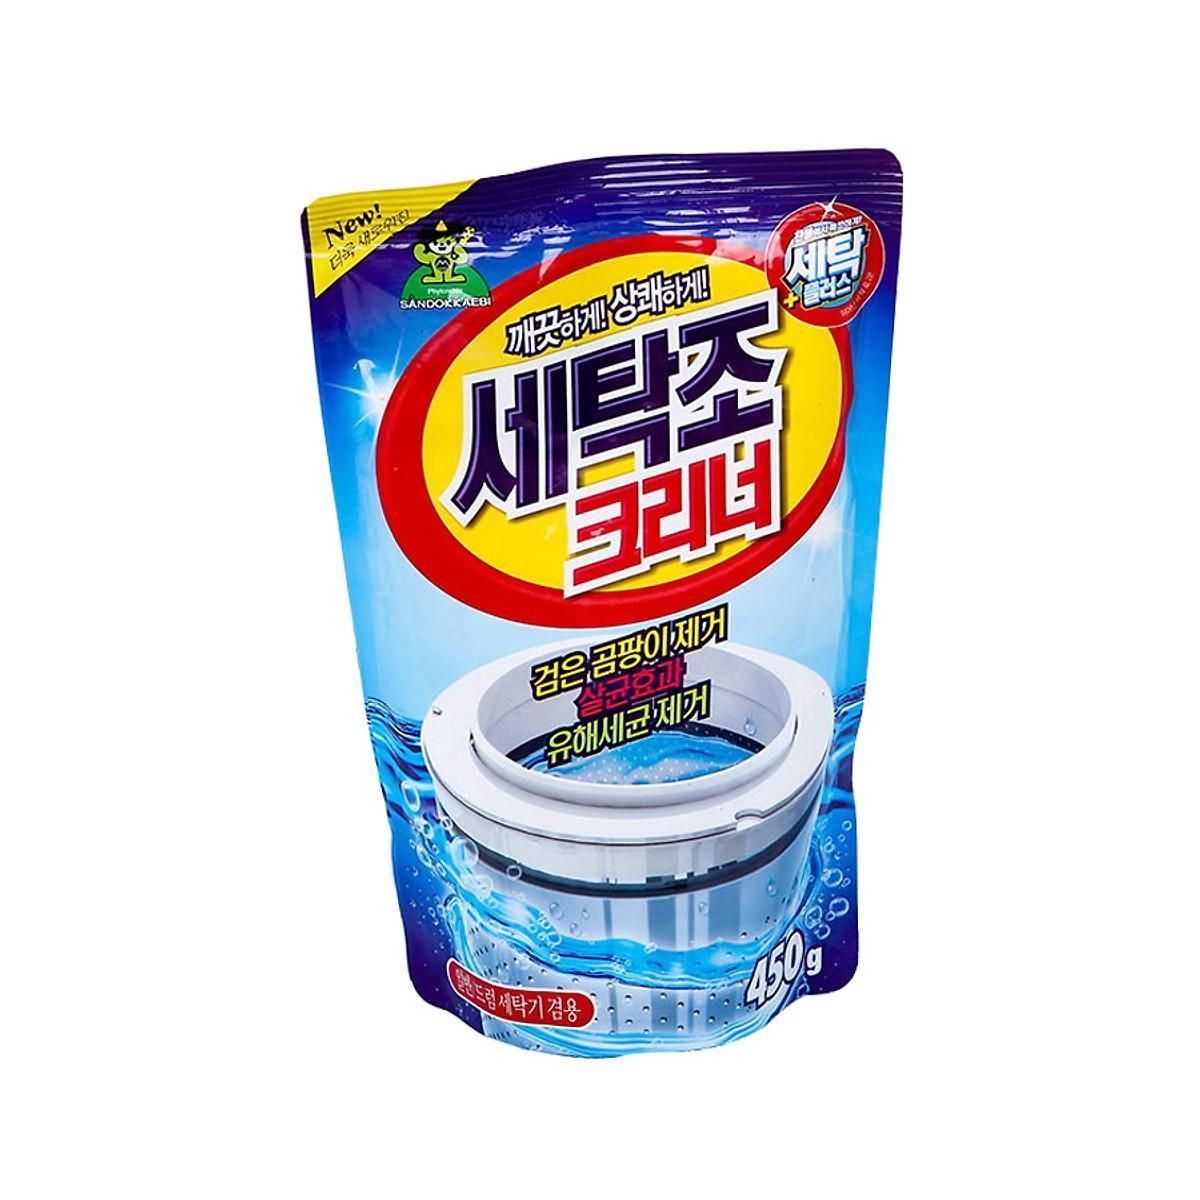 Bột tẩy vệ sinh lồng máy giặt Panda 450 Gram - Nhập Khẩu Hàn Quốc